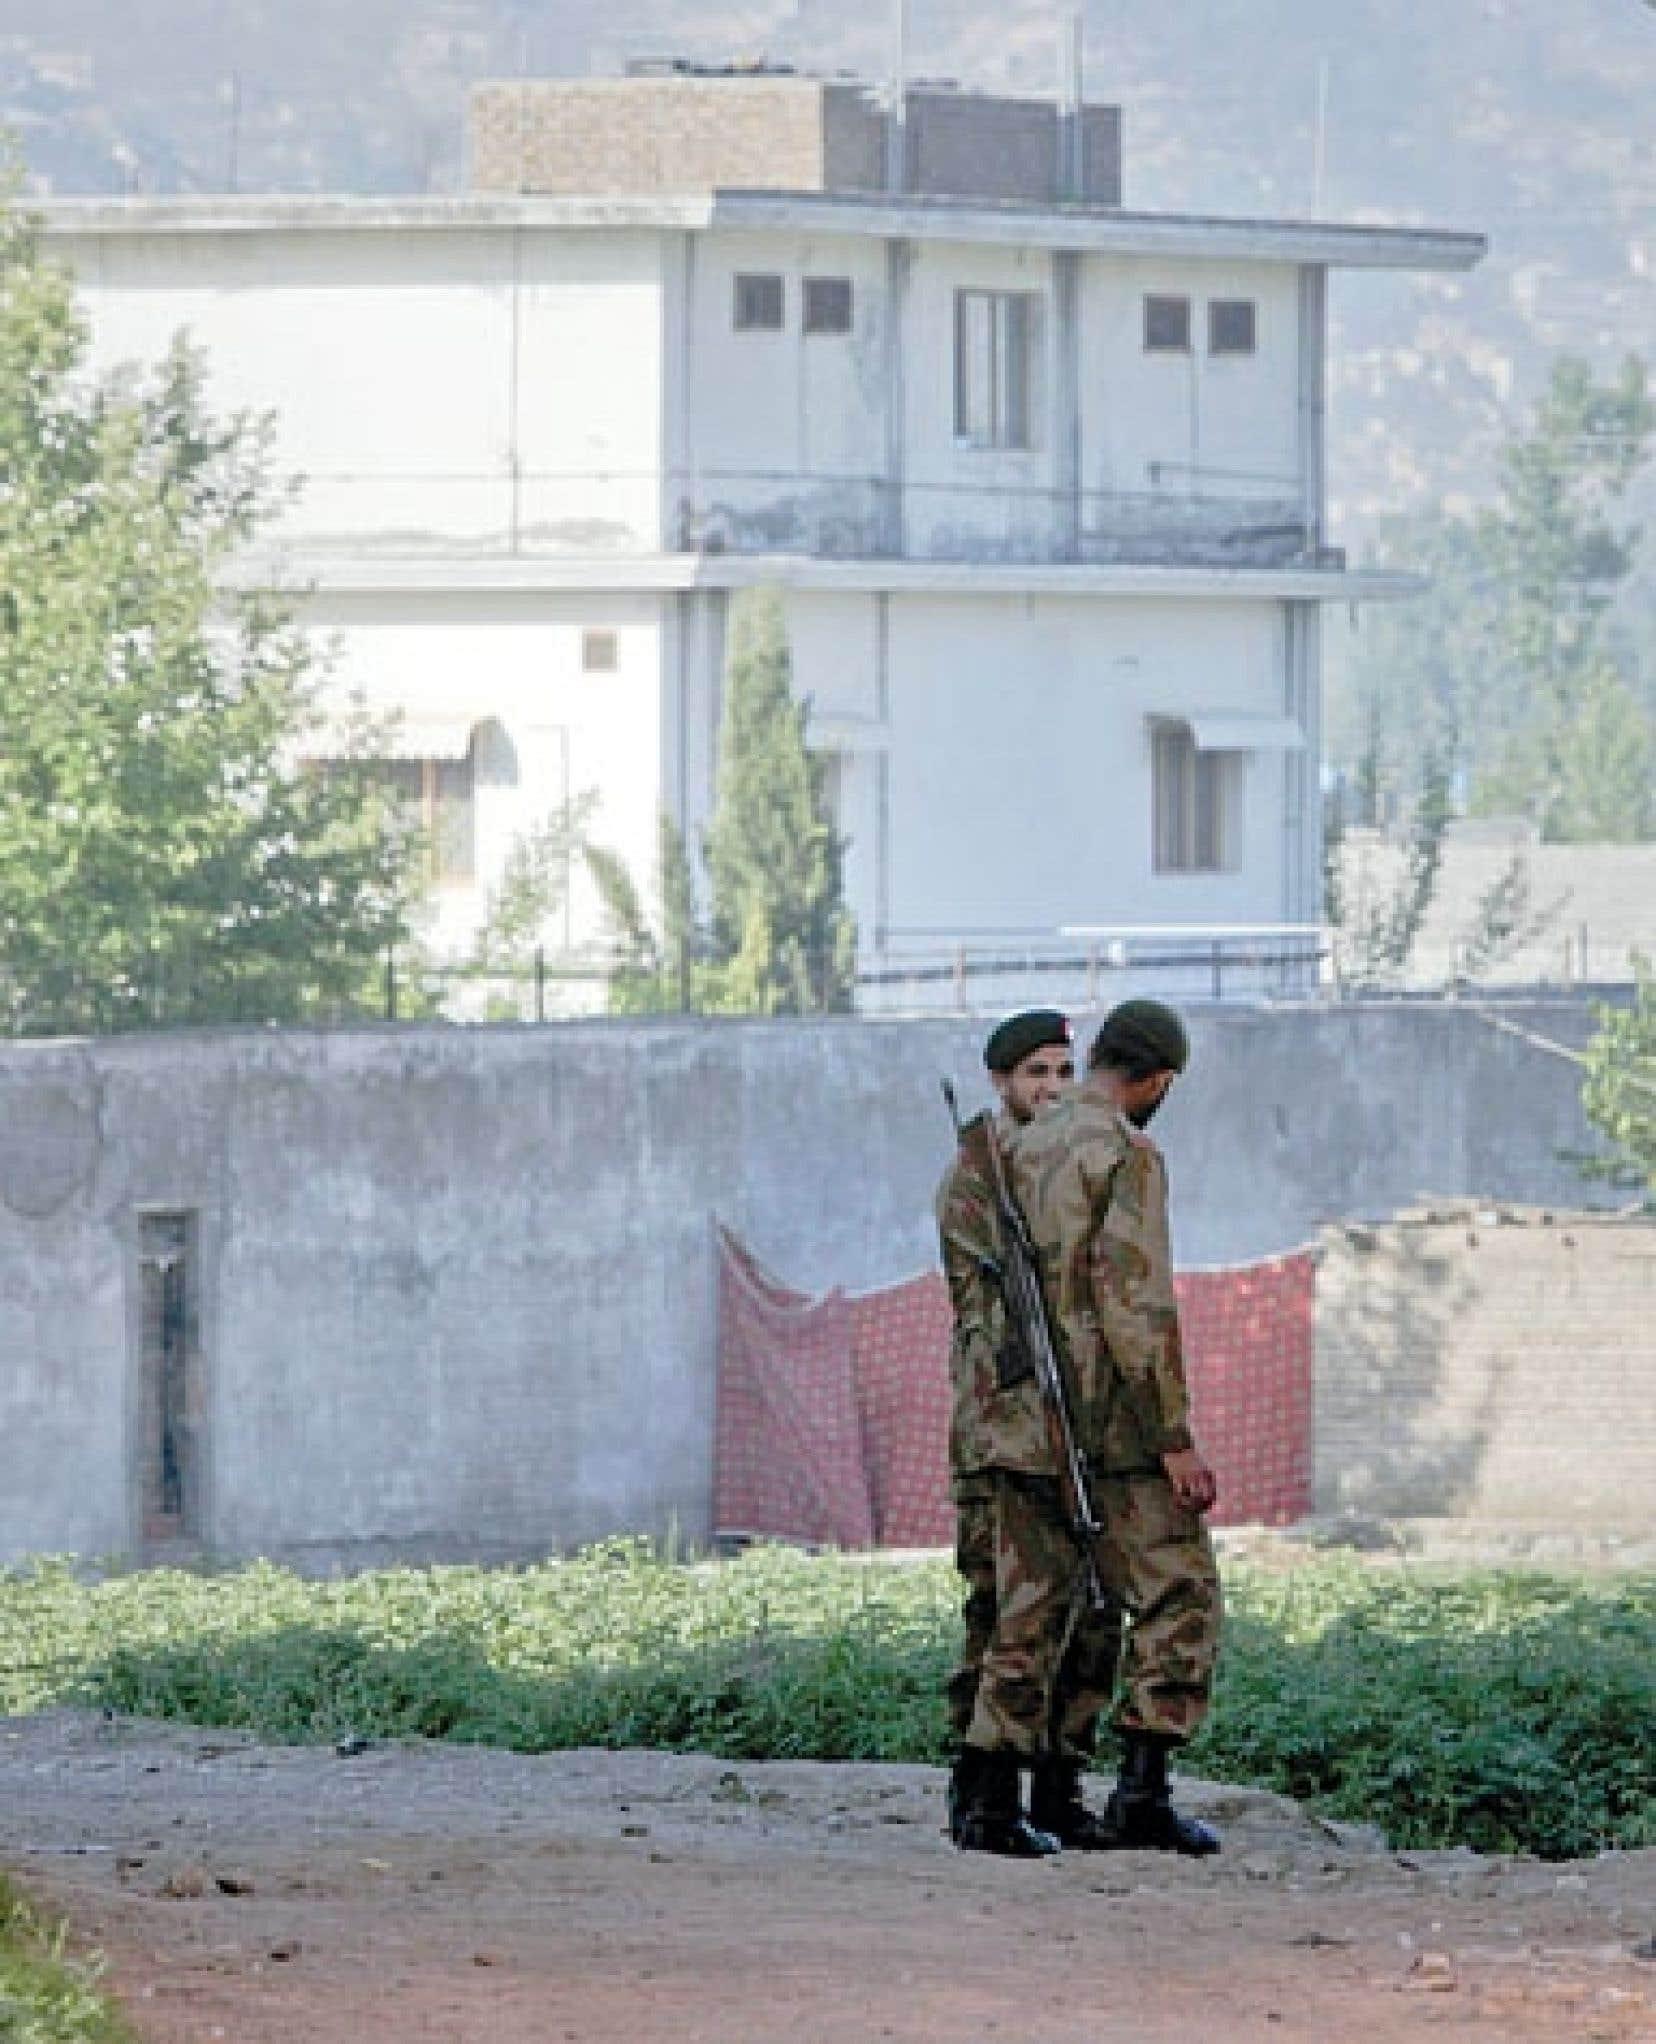 <div> Des soldats pakistanais montaient la garde devant la r&eacute;sidence de Ben Laden, &agrave; Abbottabad, peu apr&egrave;s la mort du chef d&rsquo;al-Qa&iuml;da.</div>